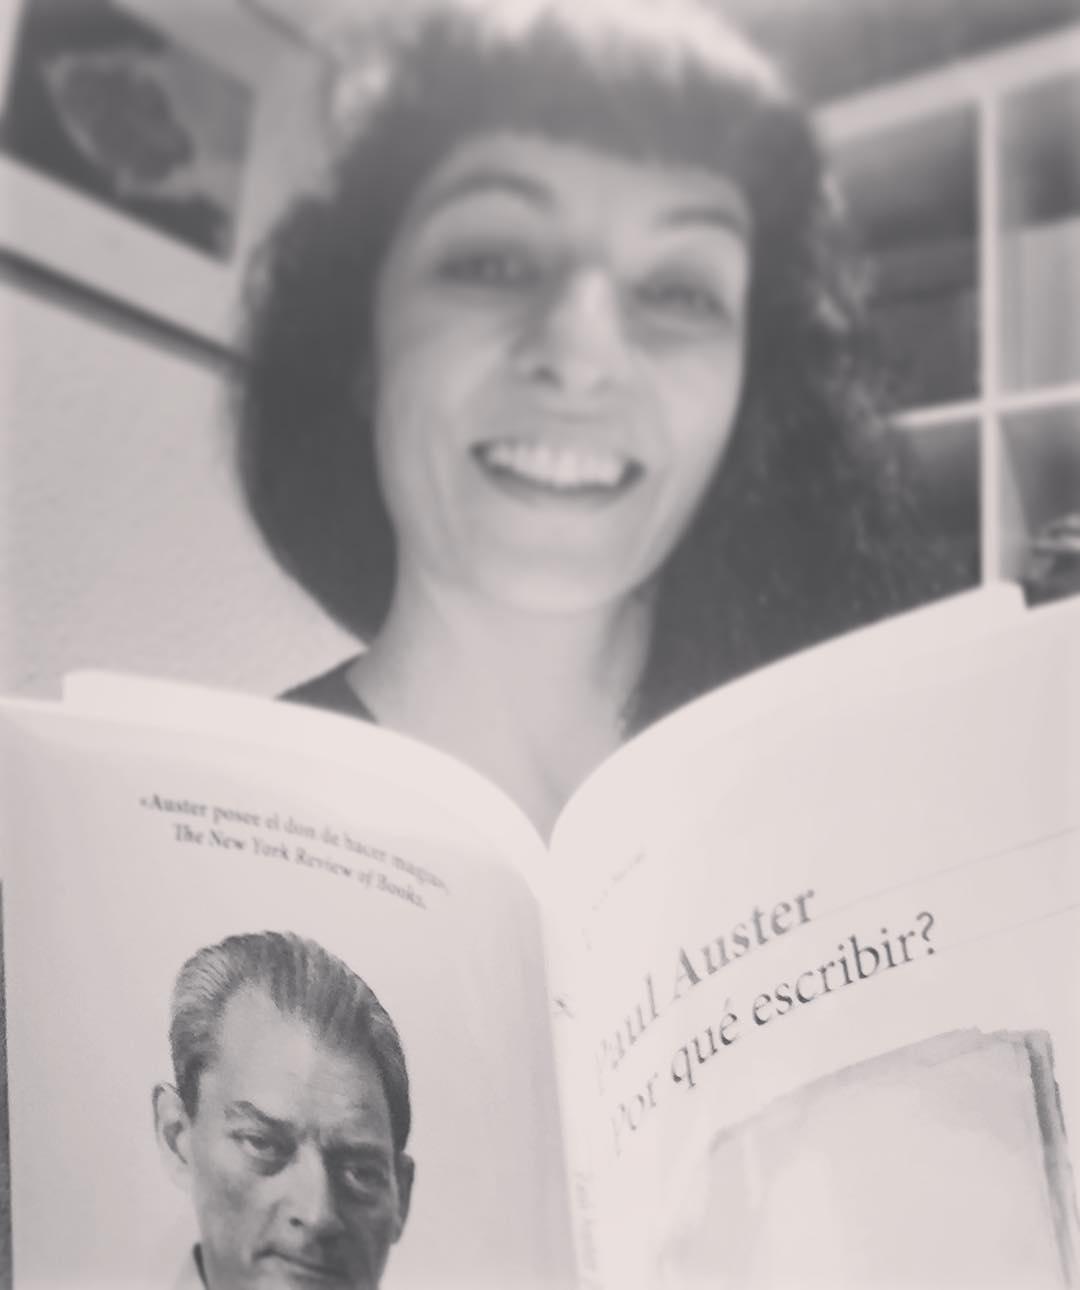 Robo cosas de la realidad, como debe hacer todo novelista, episodios de mi vida. Paul Auster